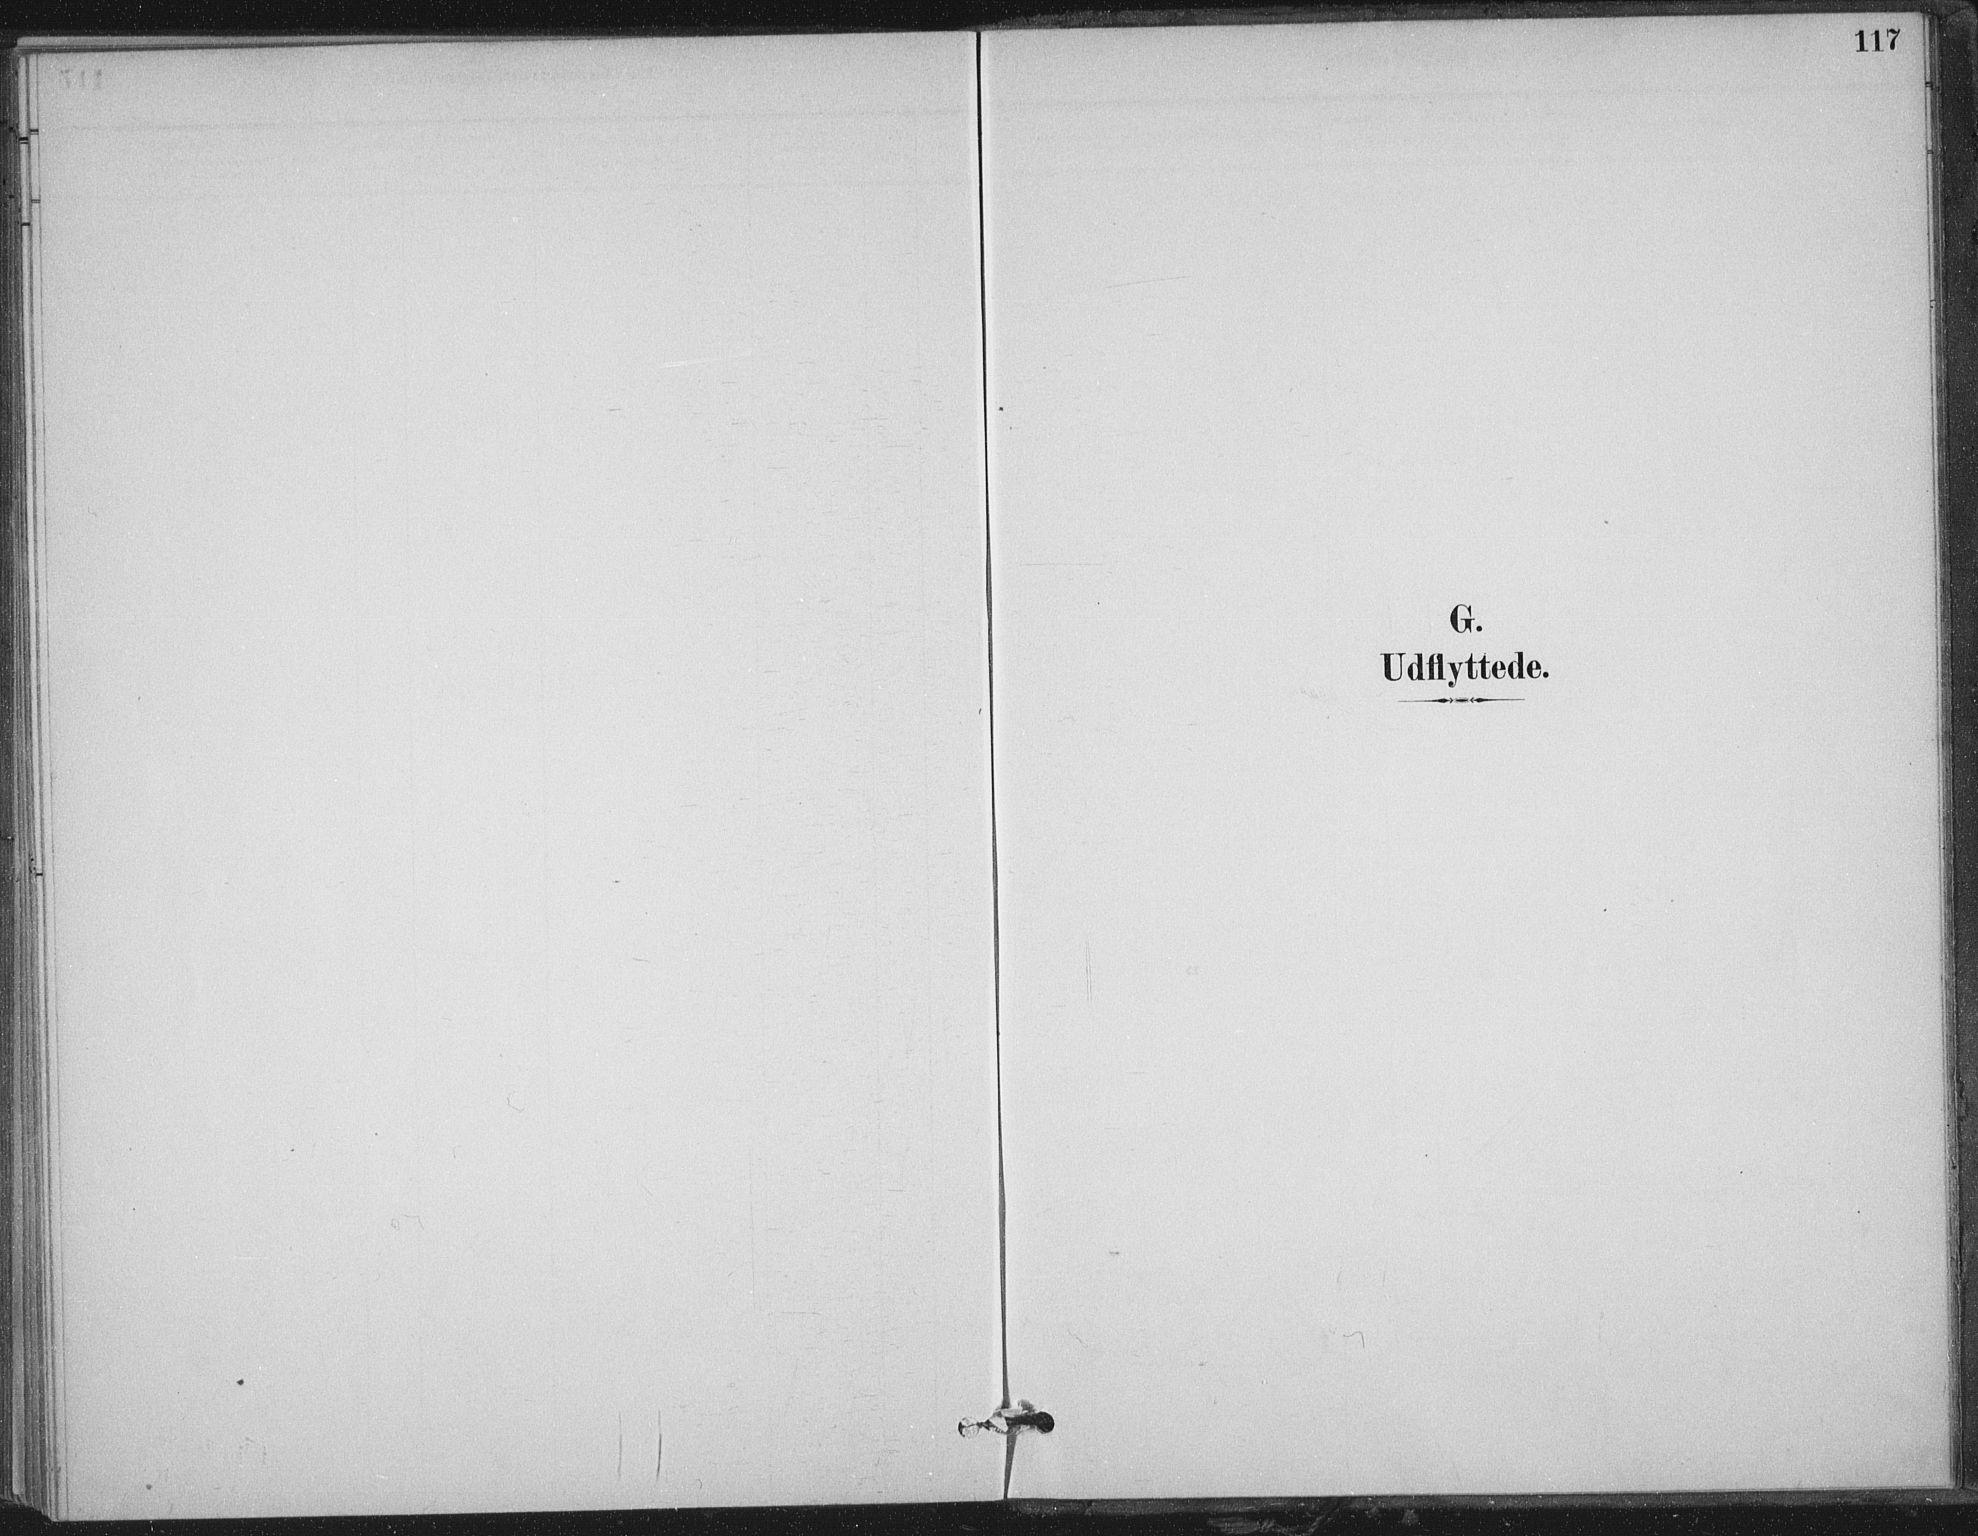 SAT, Ministerialprotokoller, klokkerbøker og fødselsregistre - Nord-Trøndelag, 702/L0023: Parish register (official) no. 702A01, 1883-1897, p. 117